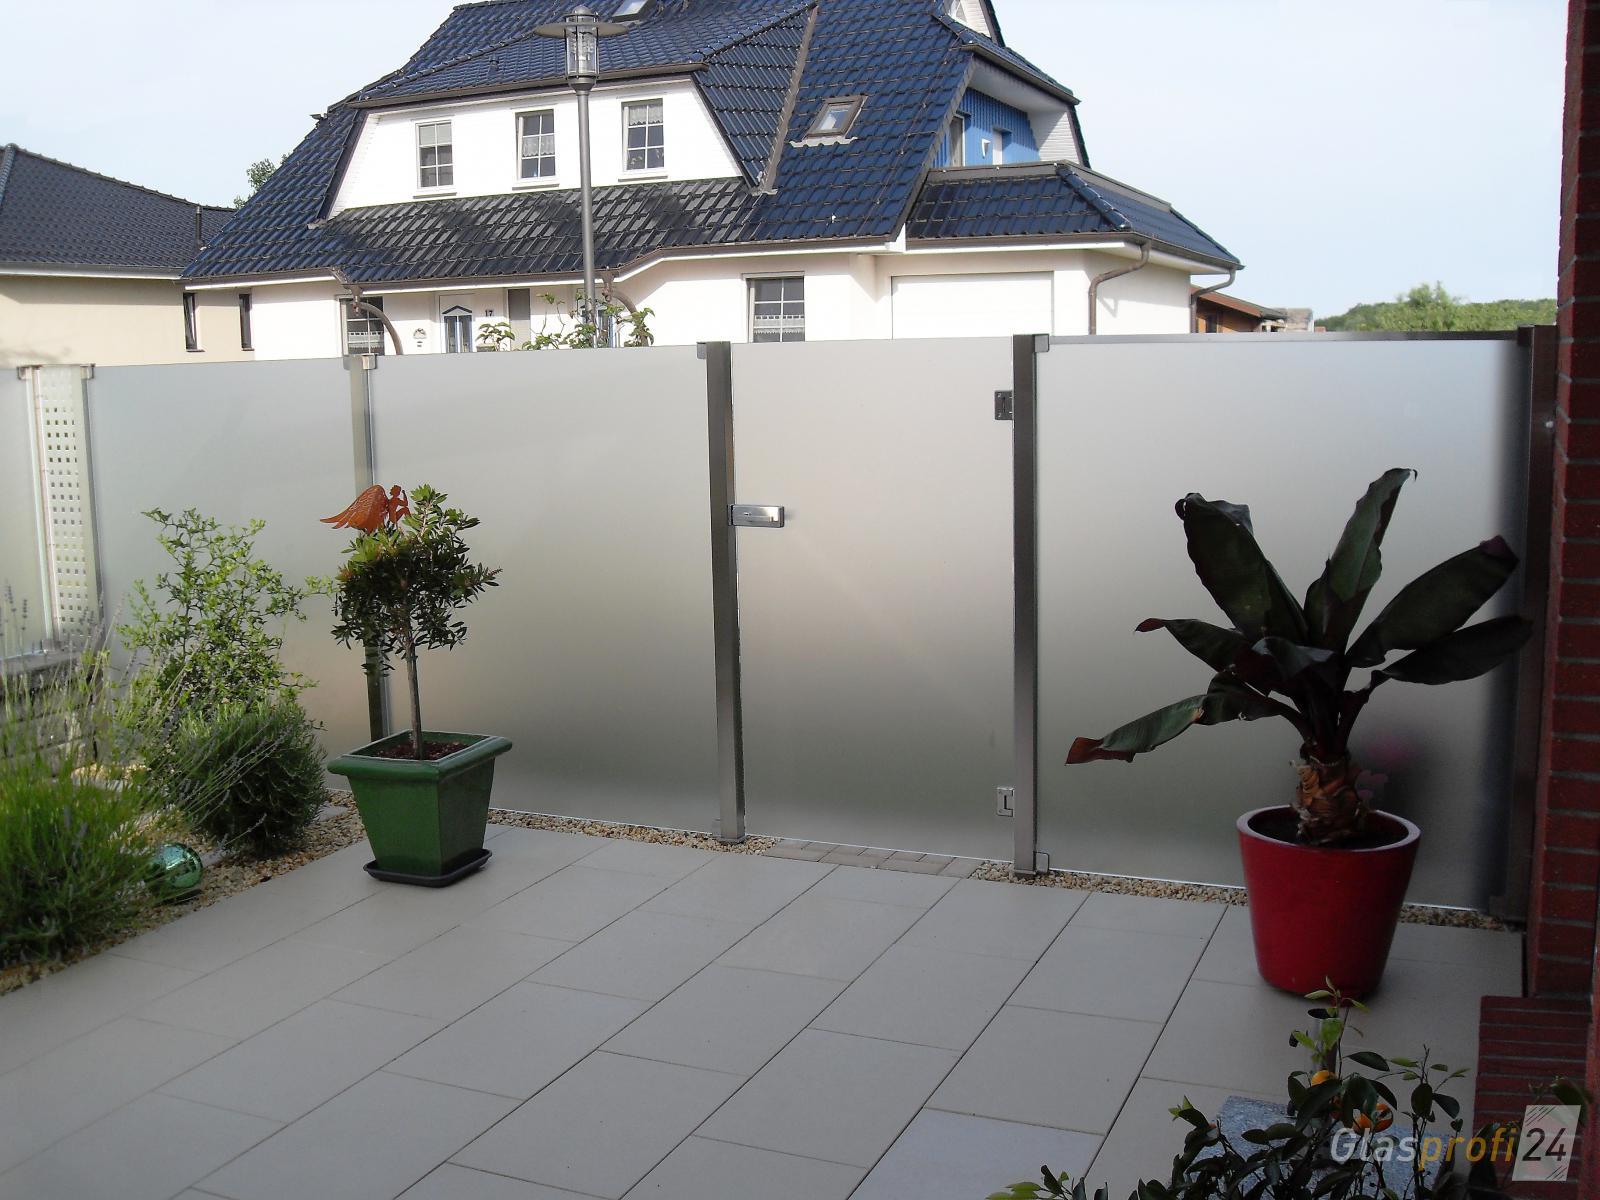 garten terrasse bilder garten und terrasse beste garten. Black Bedroom Furniture Sets. Home Design Ideas